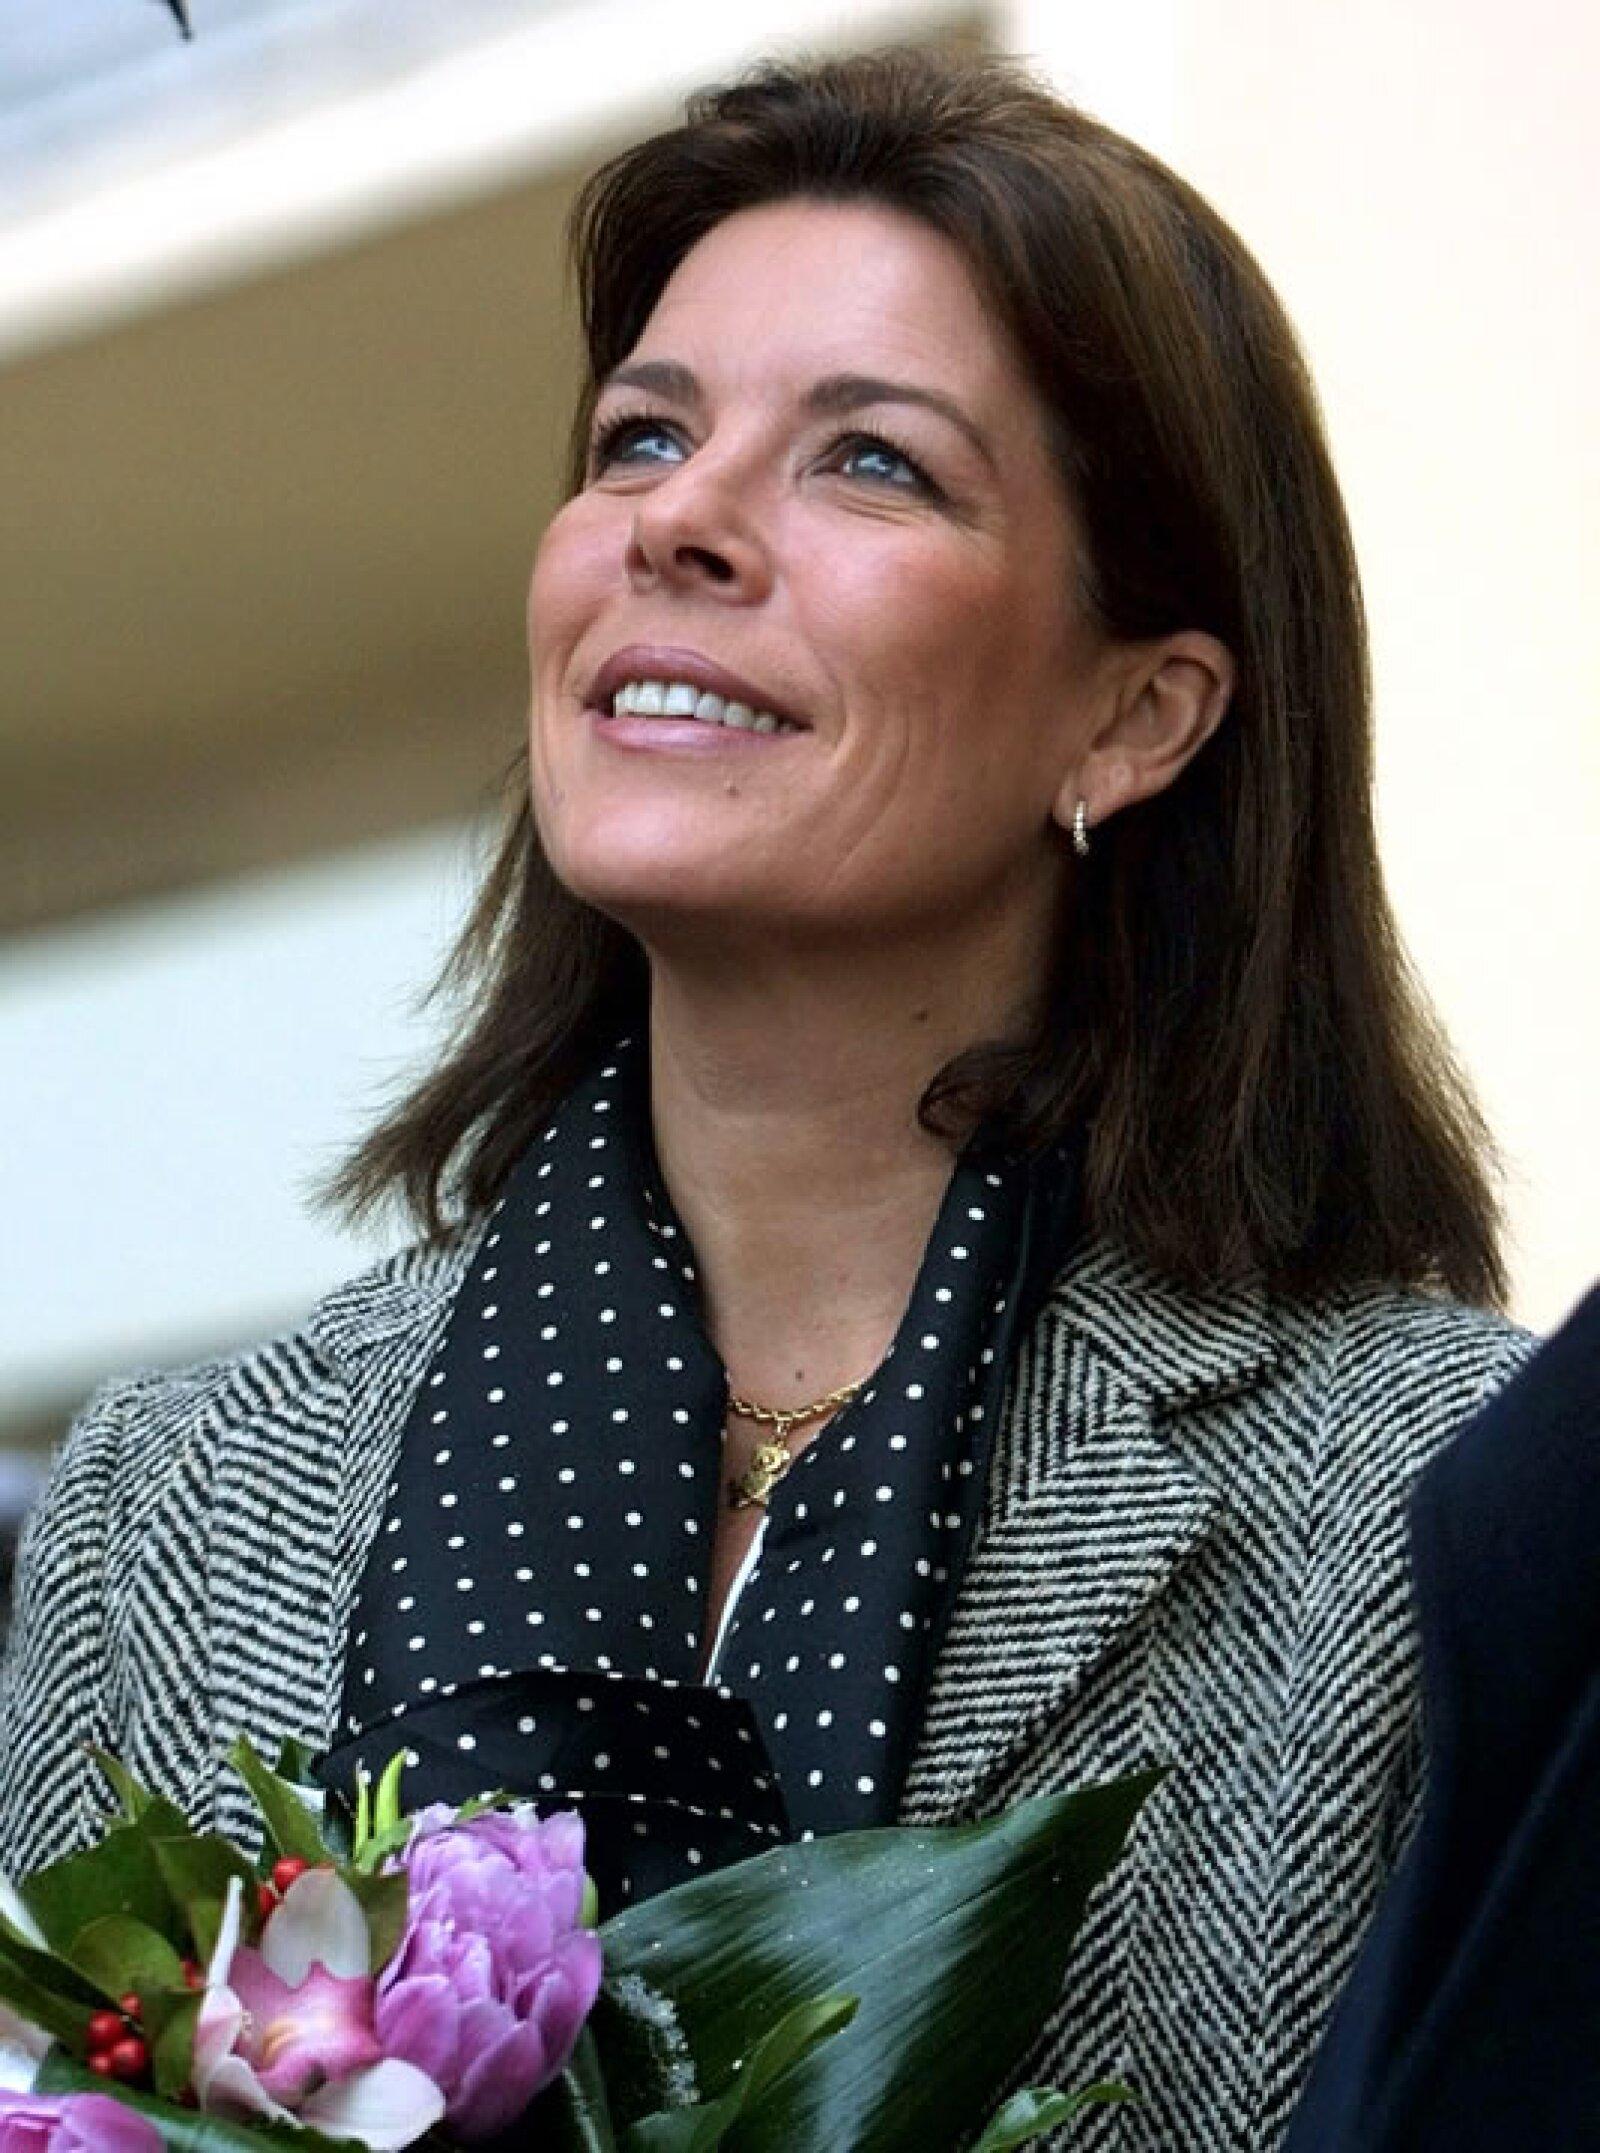 El pasado 23 de enero, Carolina Louise Marguerithe Grimaldi Kelly cumplió 56 años de edad.